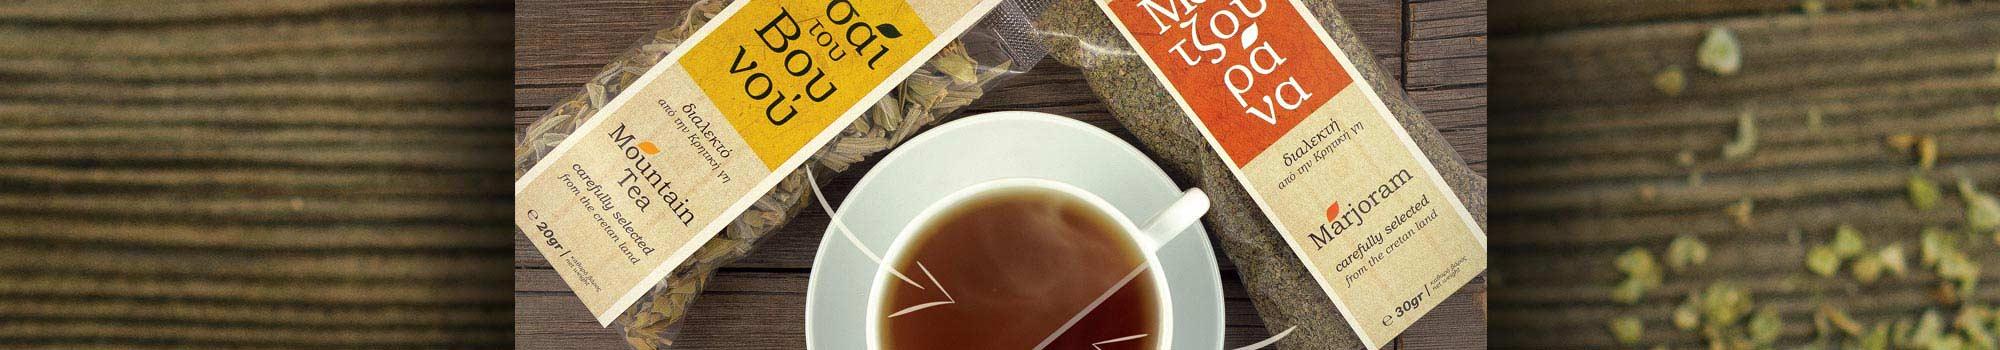 τσάι του βουνού και μαντζουράνα iliostasio